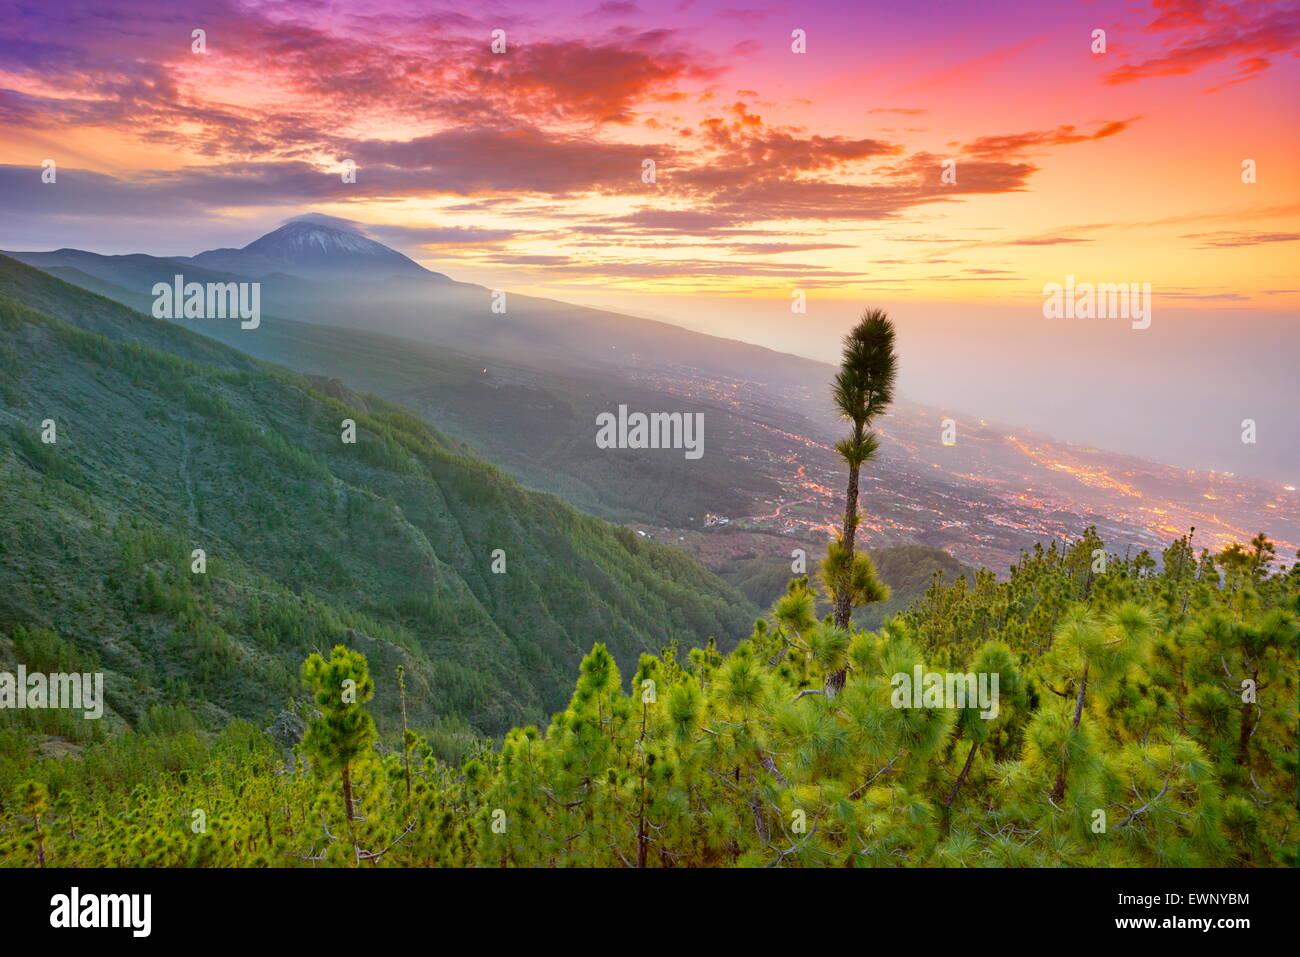 Auf der Insel Teneriffa Landschaft - Teide auf Sonnenuntergangszeit, Kanarische Inseln, Spanien Stockbild